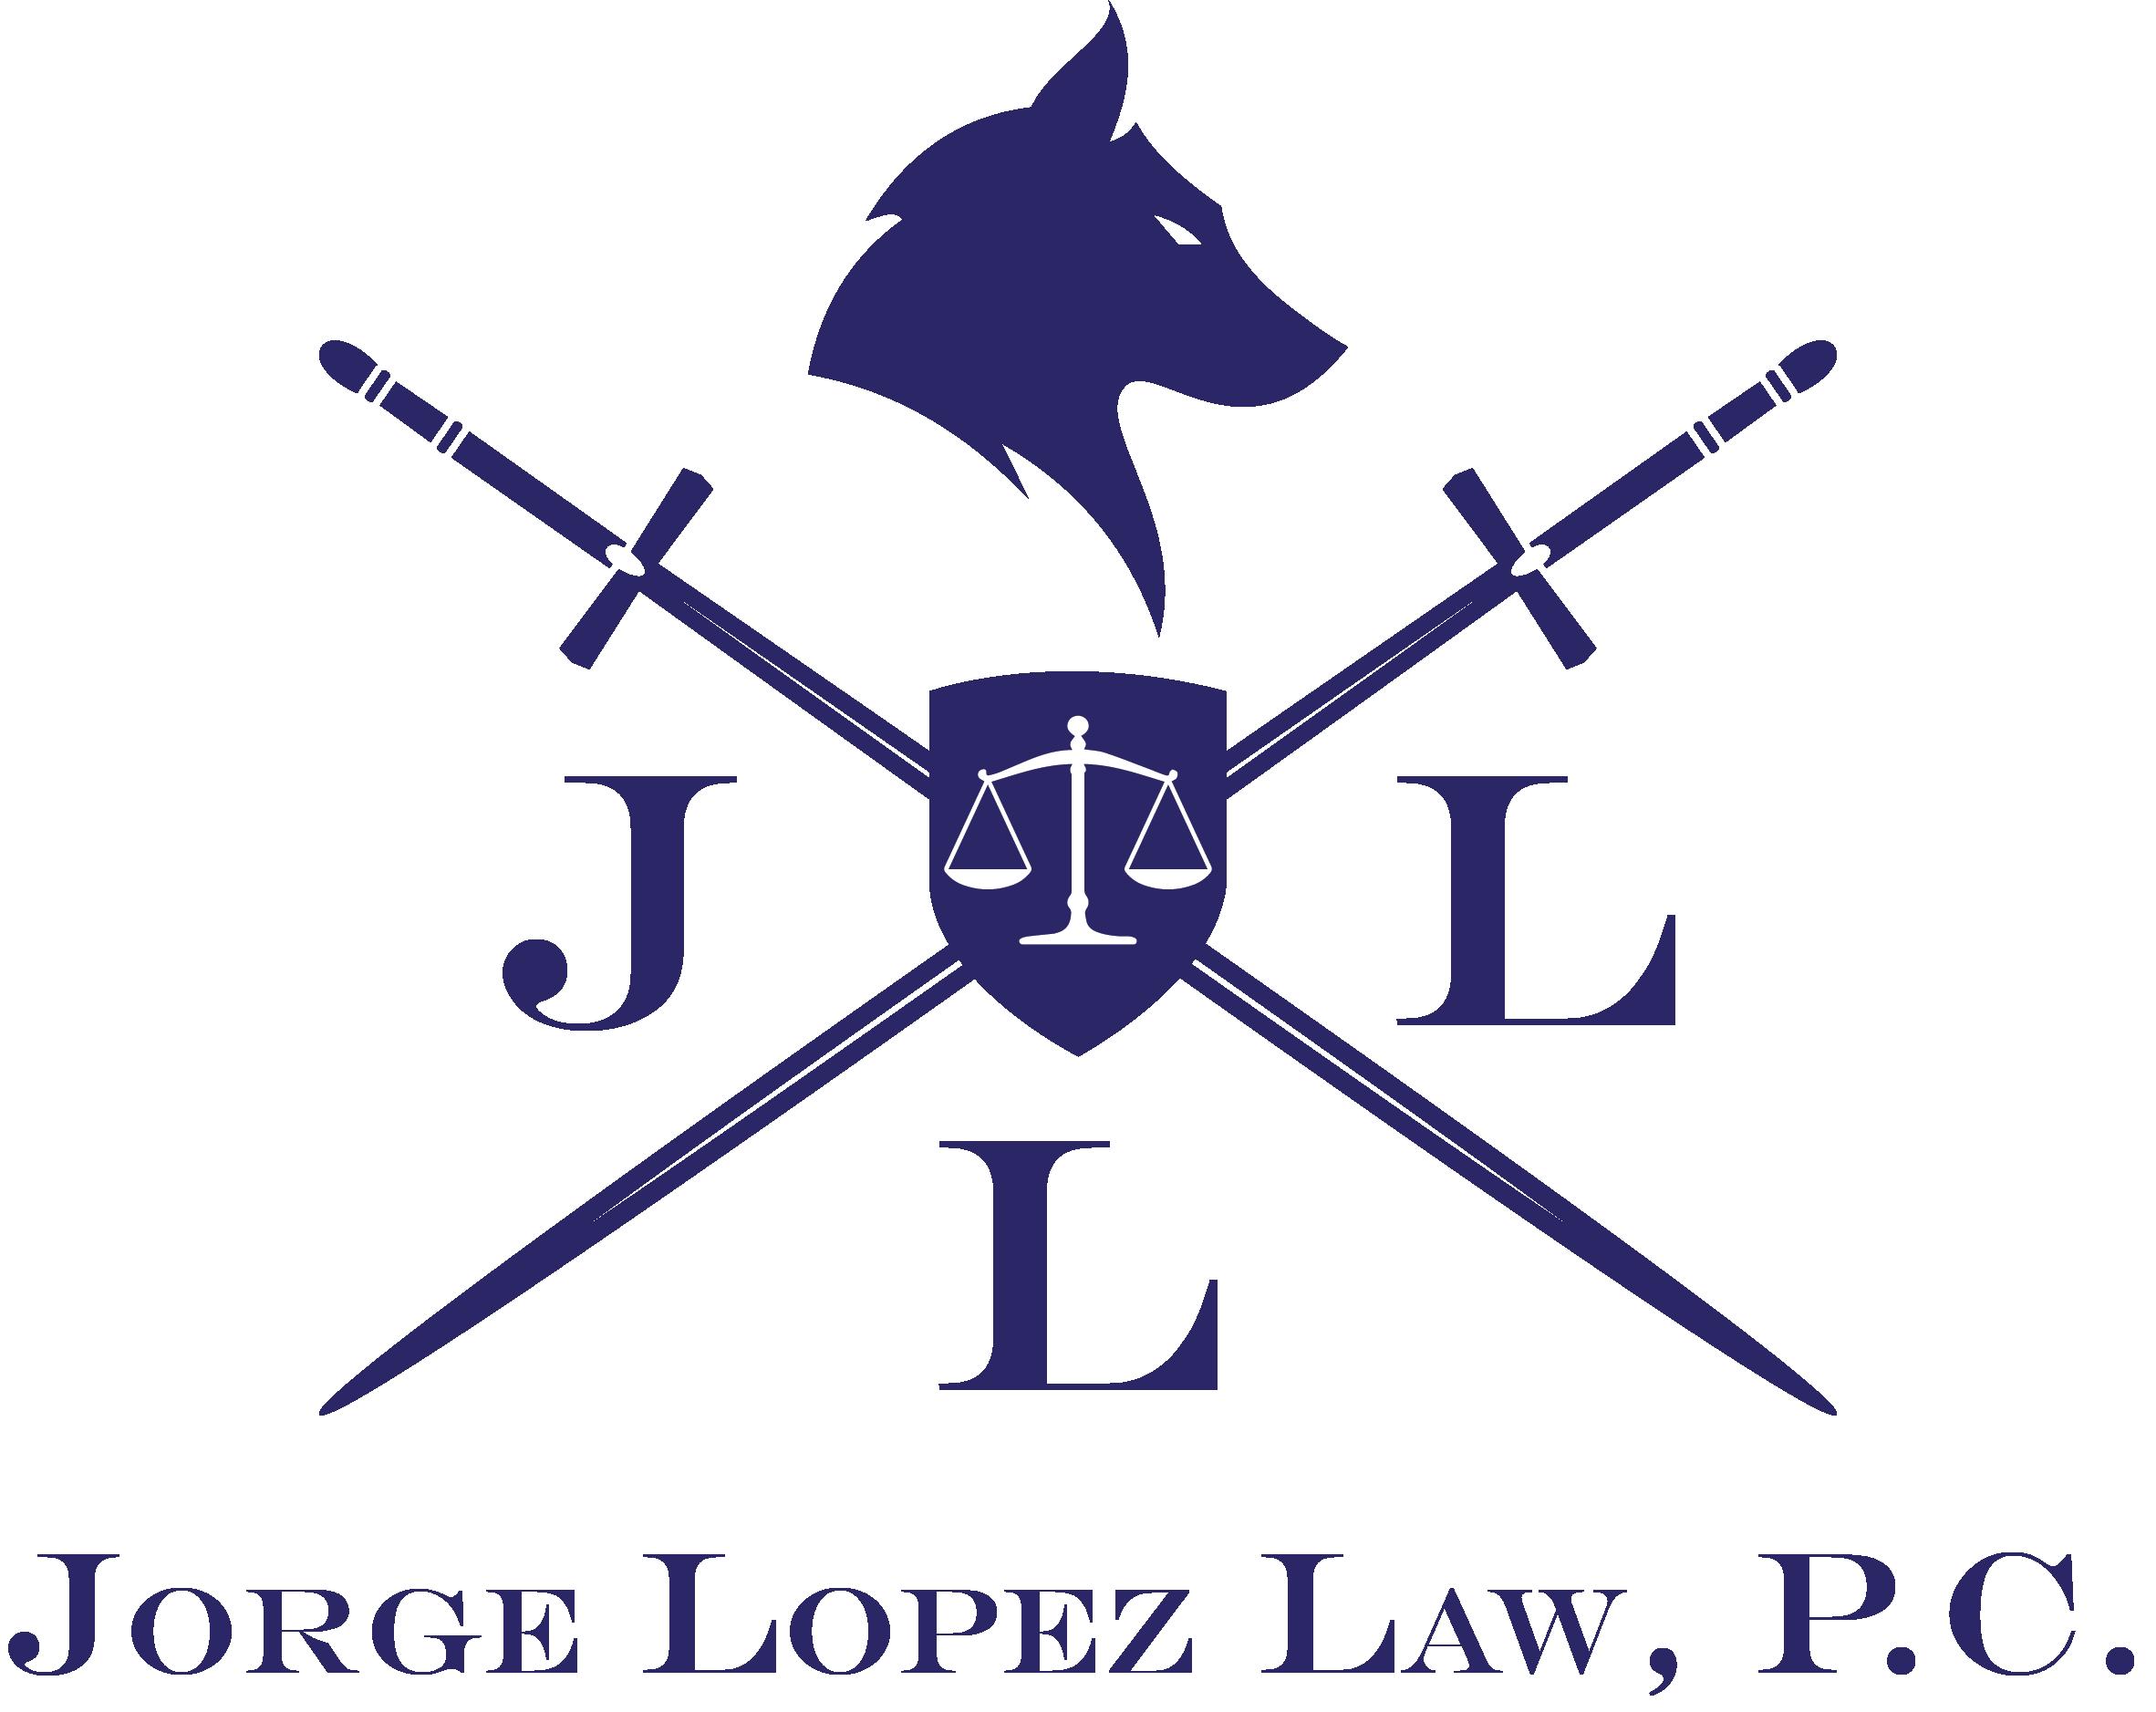 Jorge Lopez Law, P.C.